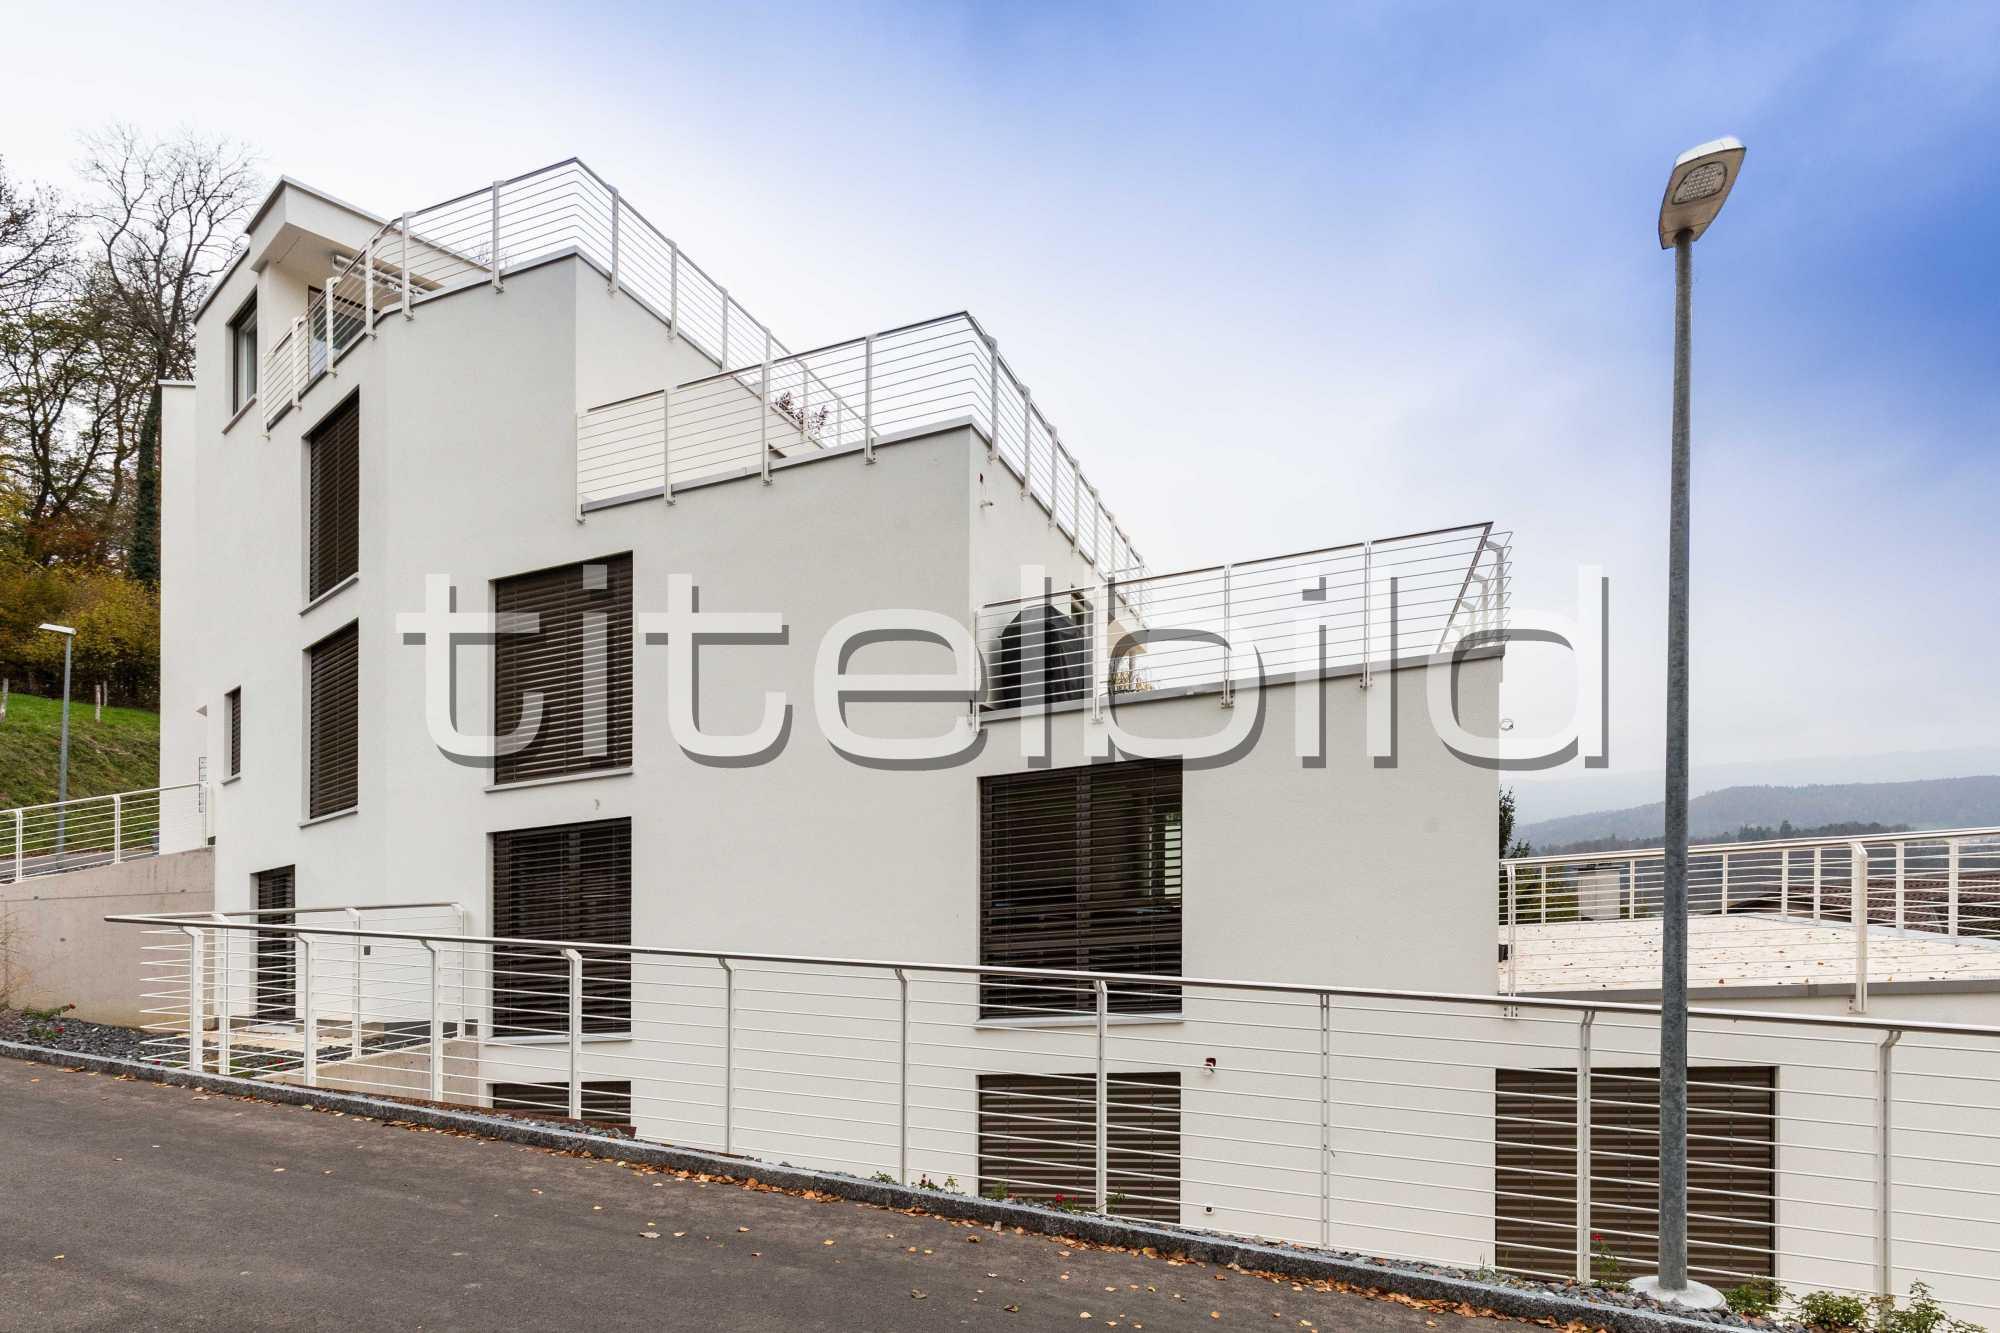 Projektbild-Nr. 4: Oasis Verde Neubau